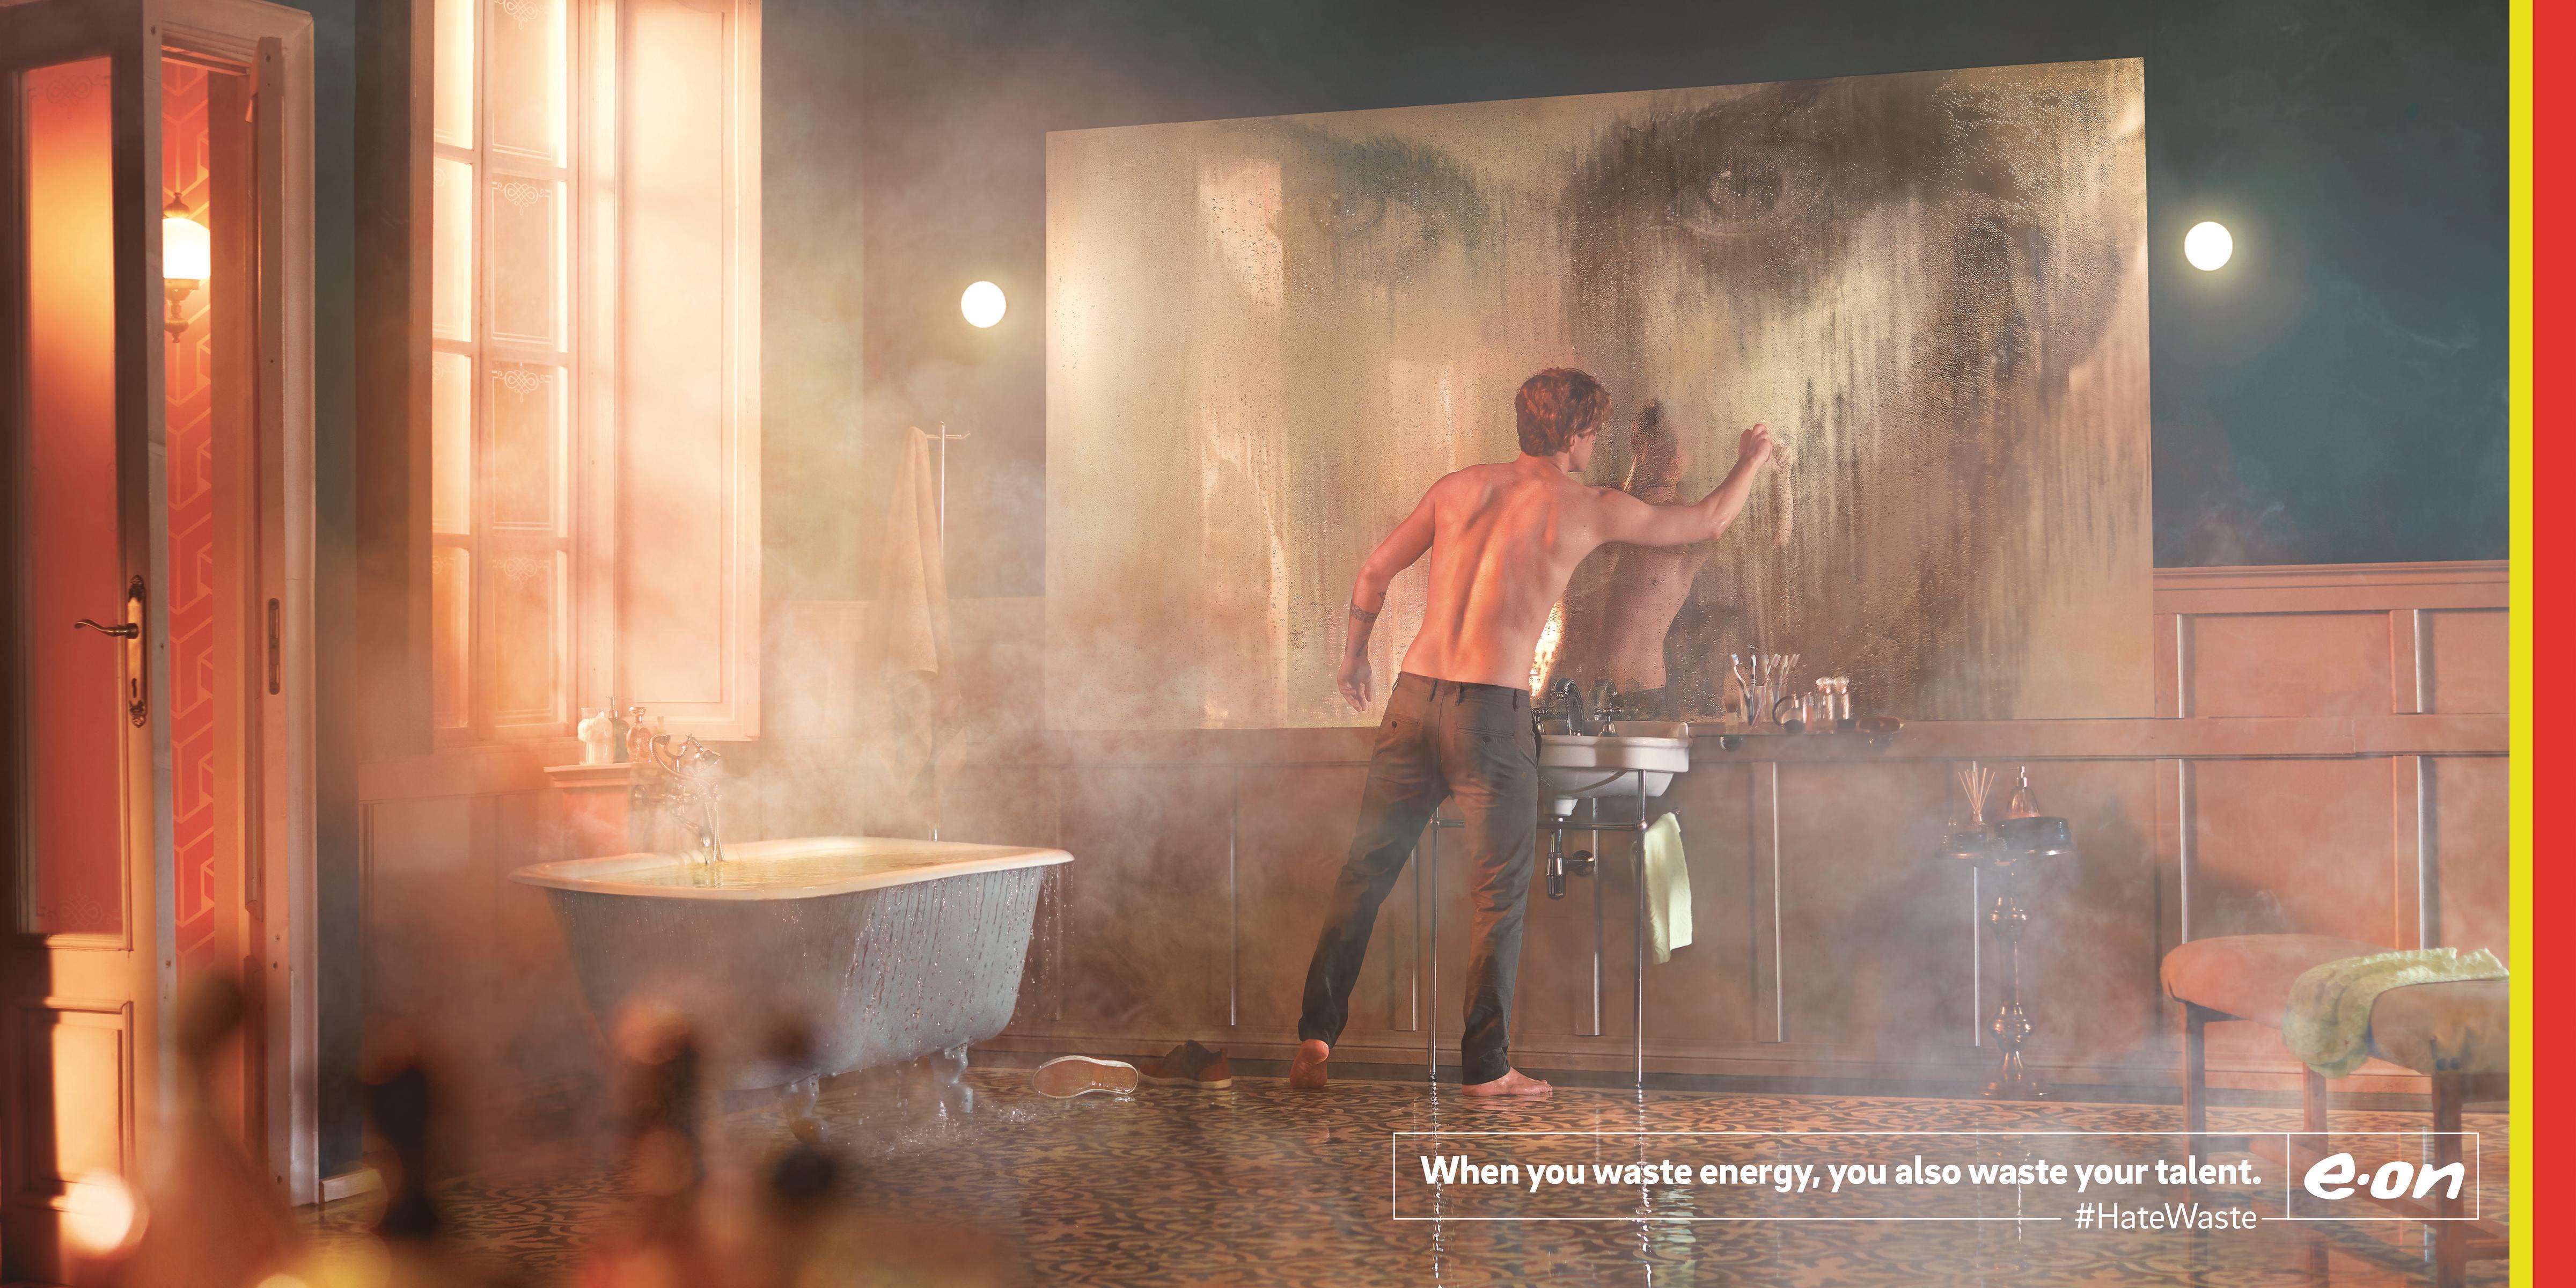 E.ON Print Ad - #HateWaste - Talent